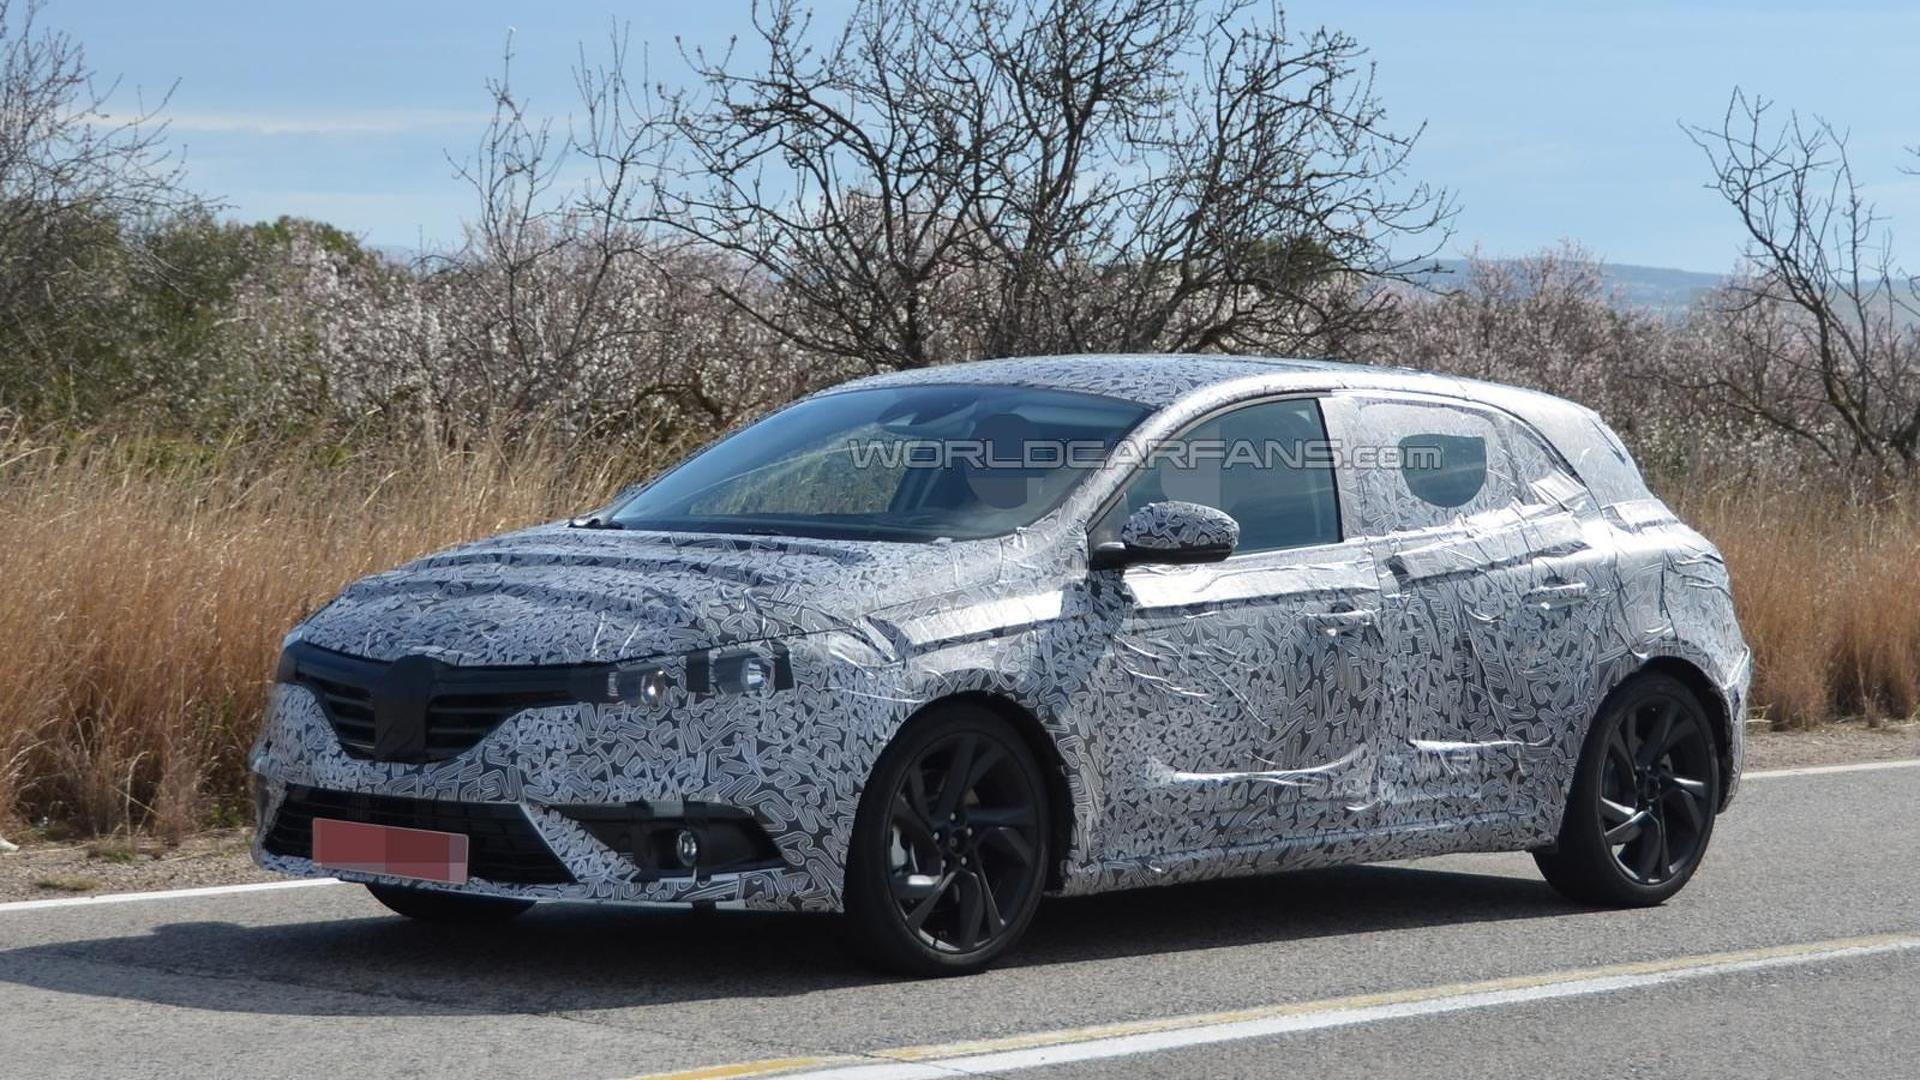 Next-gen Renault Megane spied hiding all-new design under camouflage